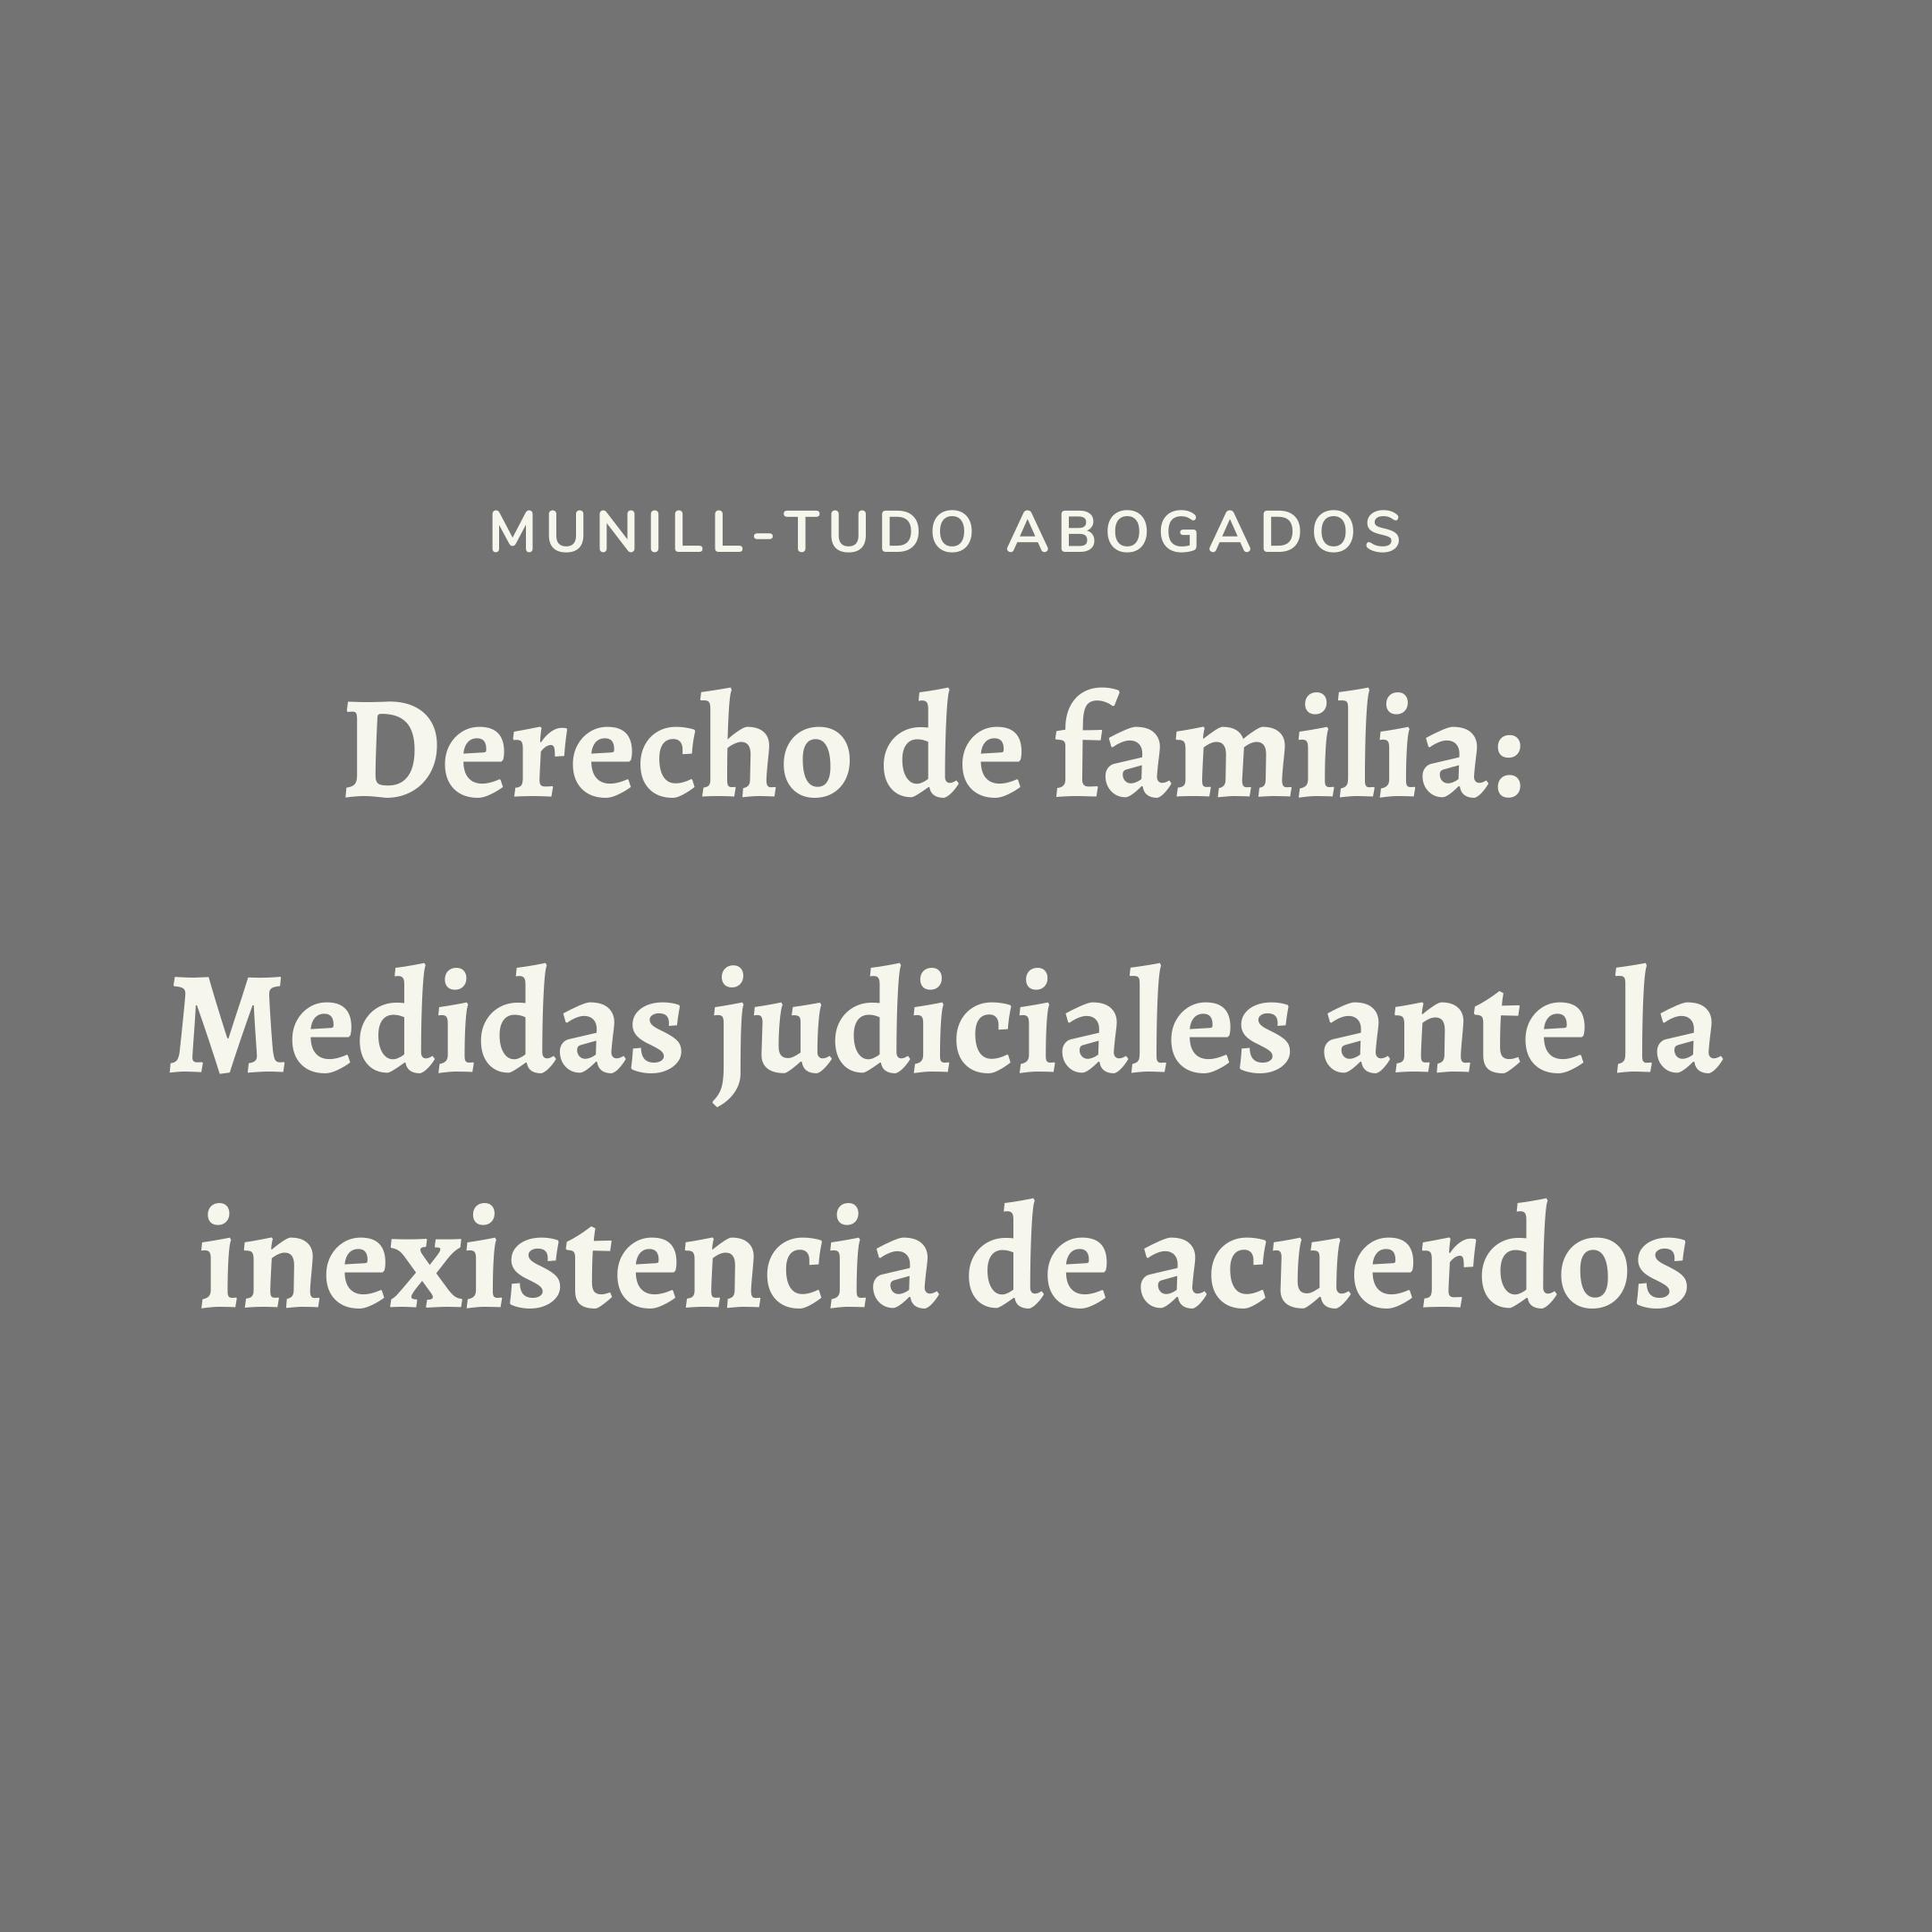 Derecho de familia: Medidas judiciales ante la inexistencia de acuerdos